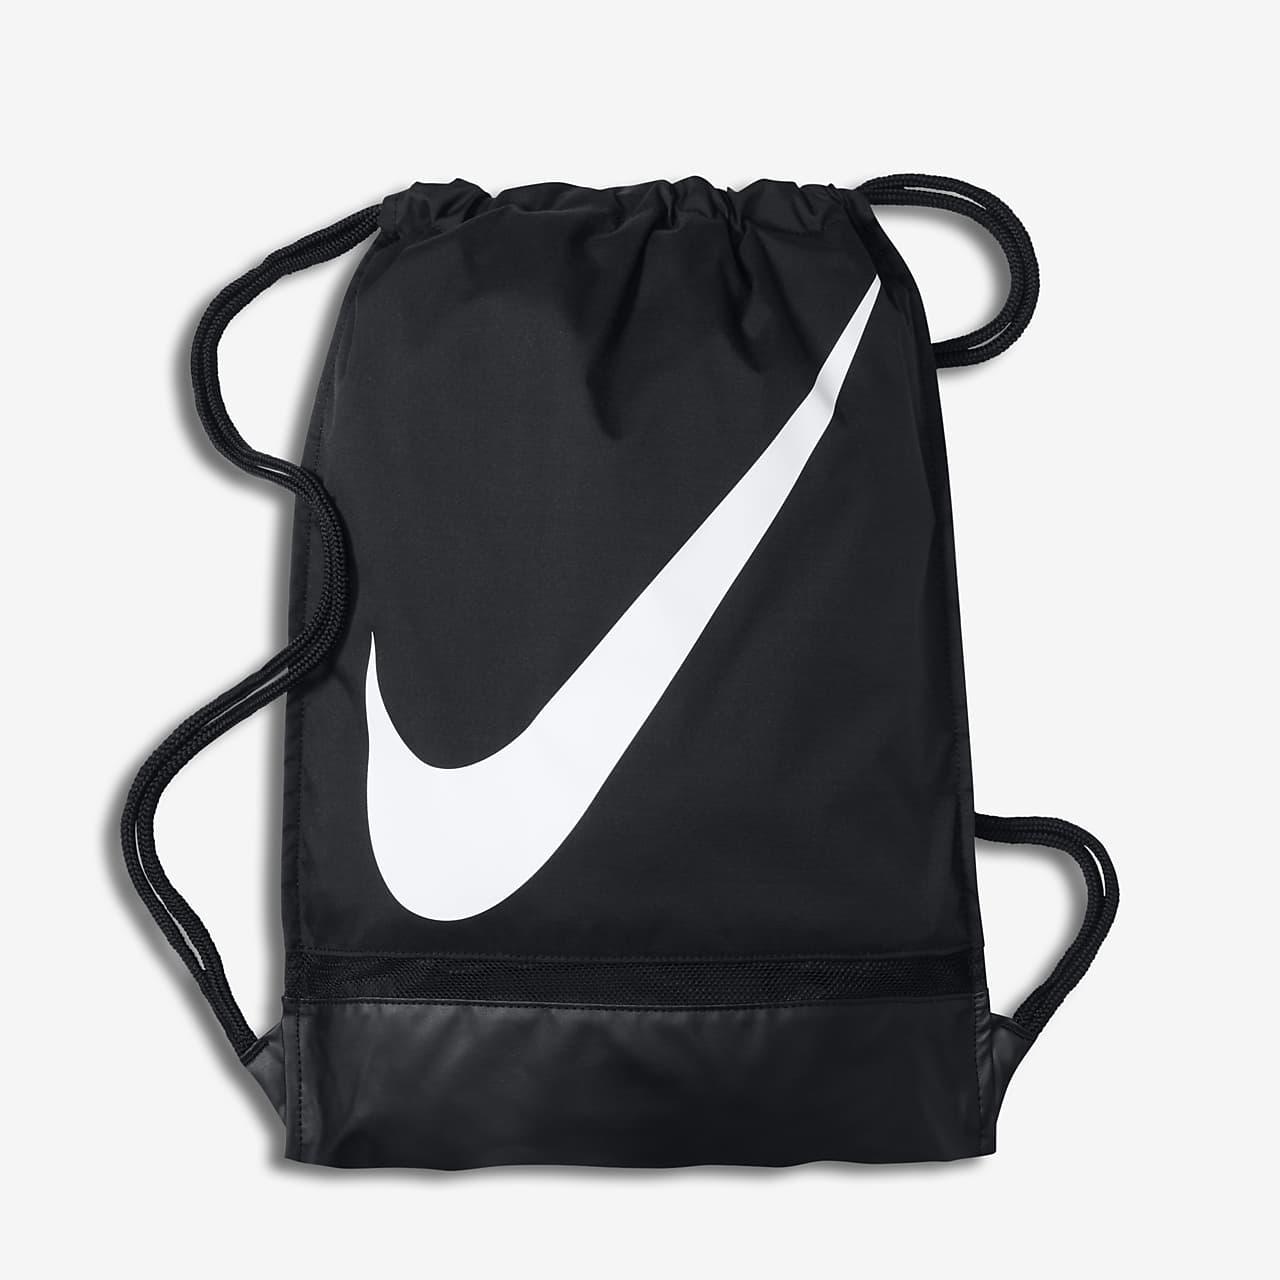 Worek na sprzęt piłkarski Nike Academy